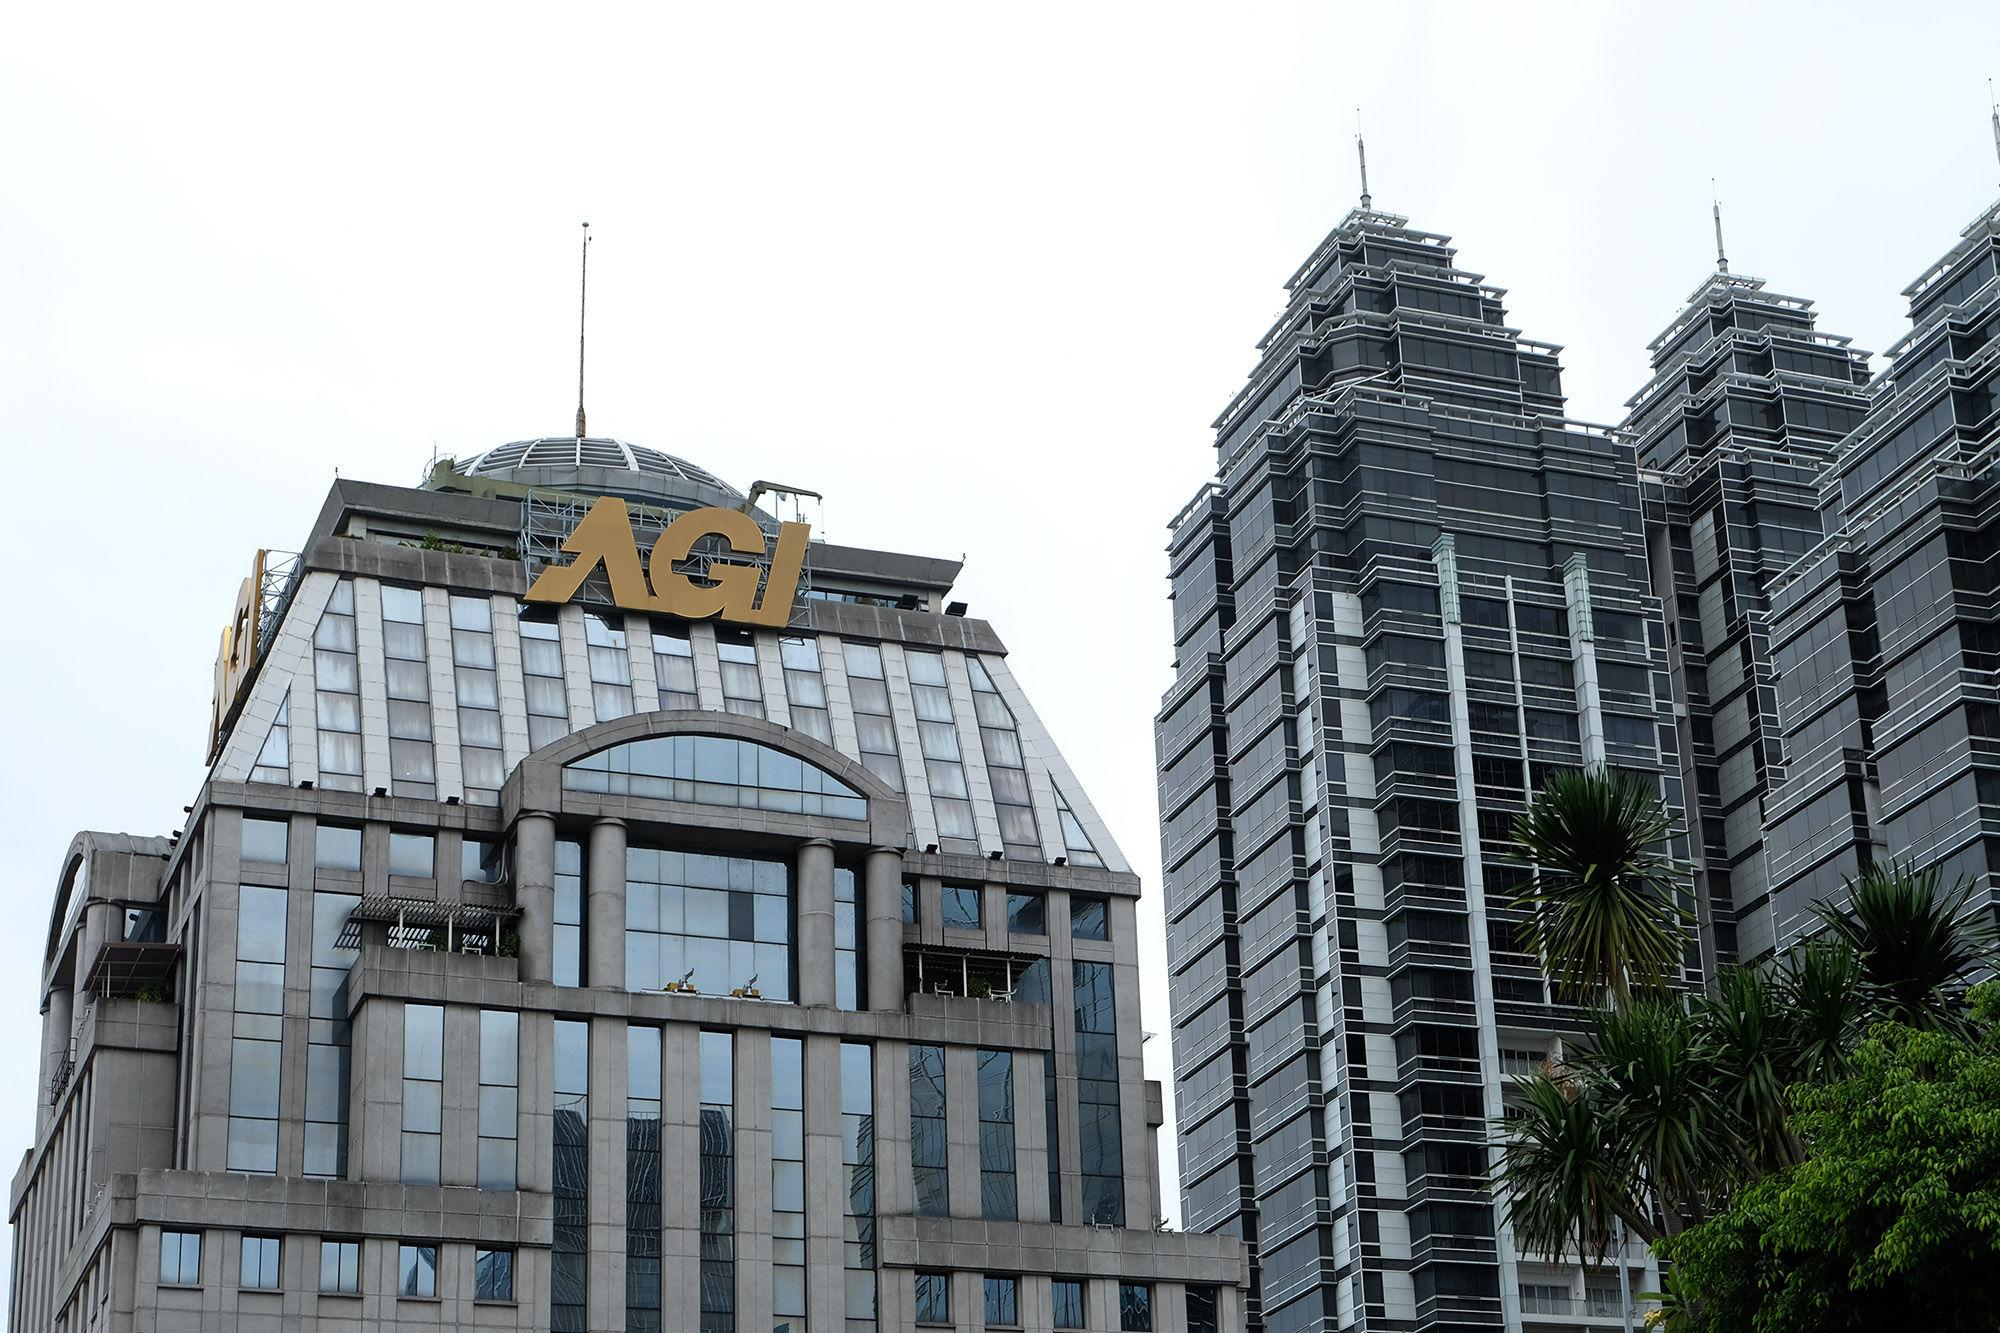 Harga Sewa Perkantoran di Kawasan Segitiga Emas Jakarta Masih Stabil